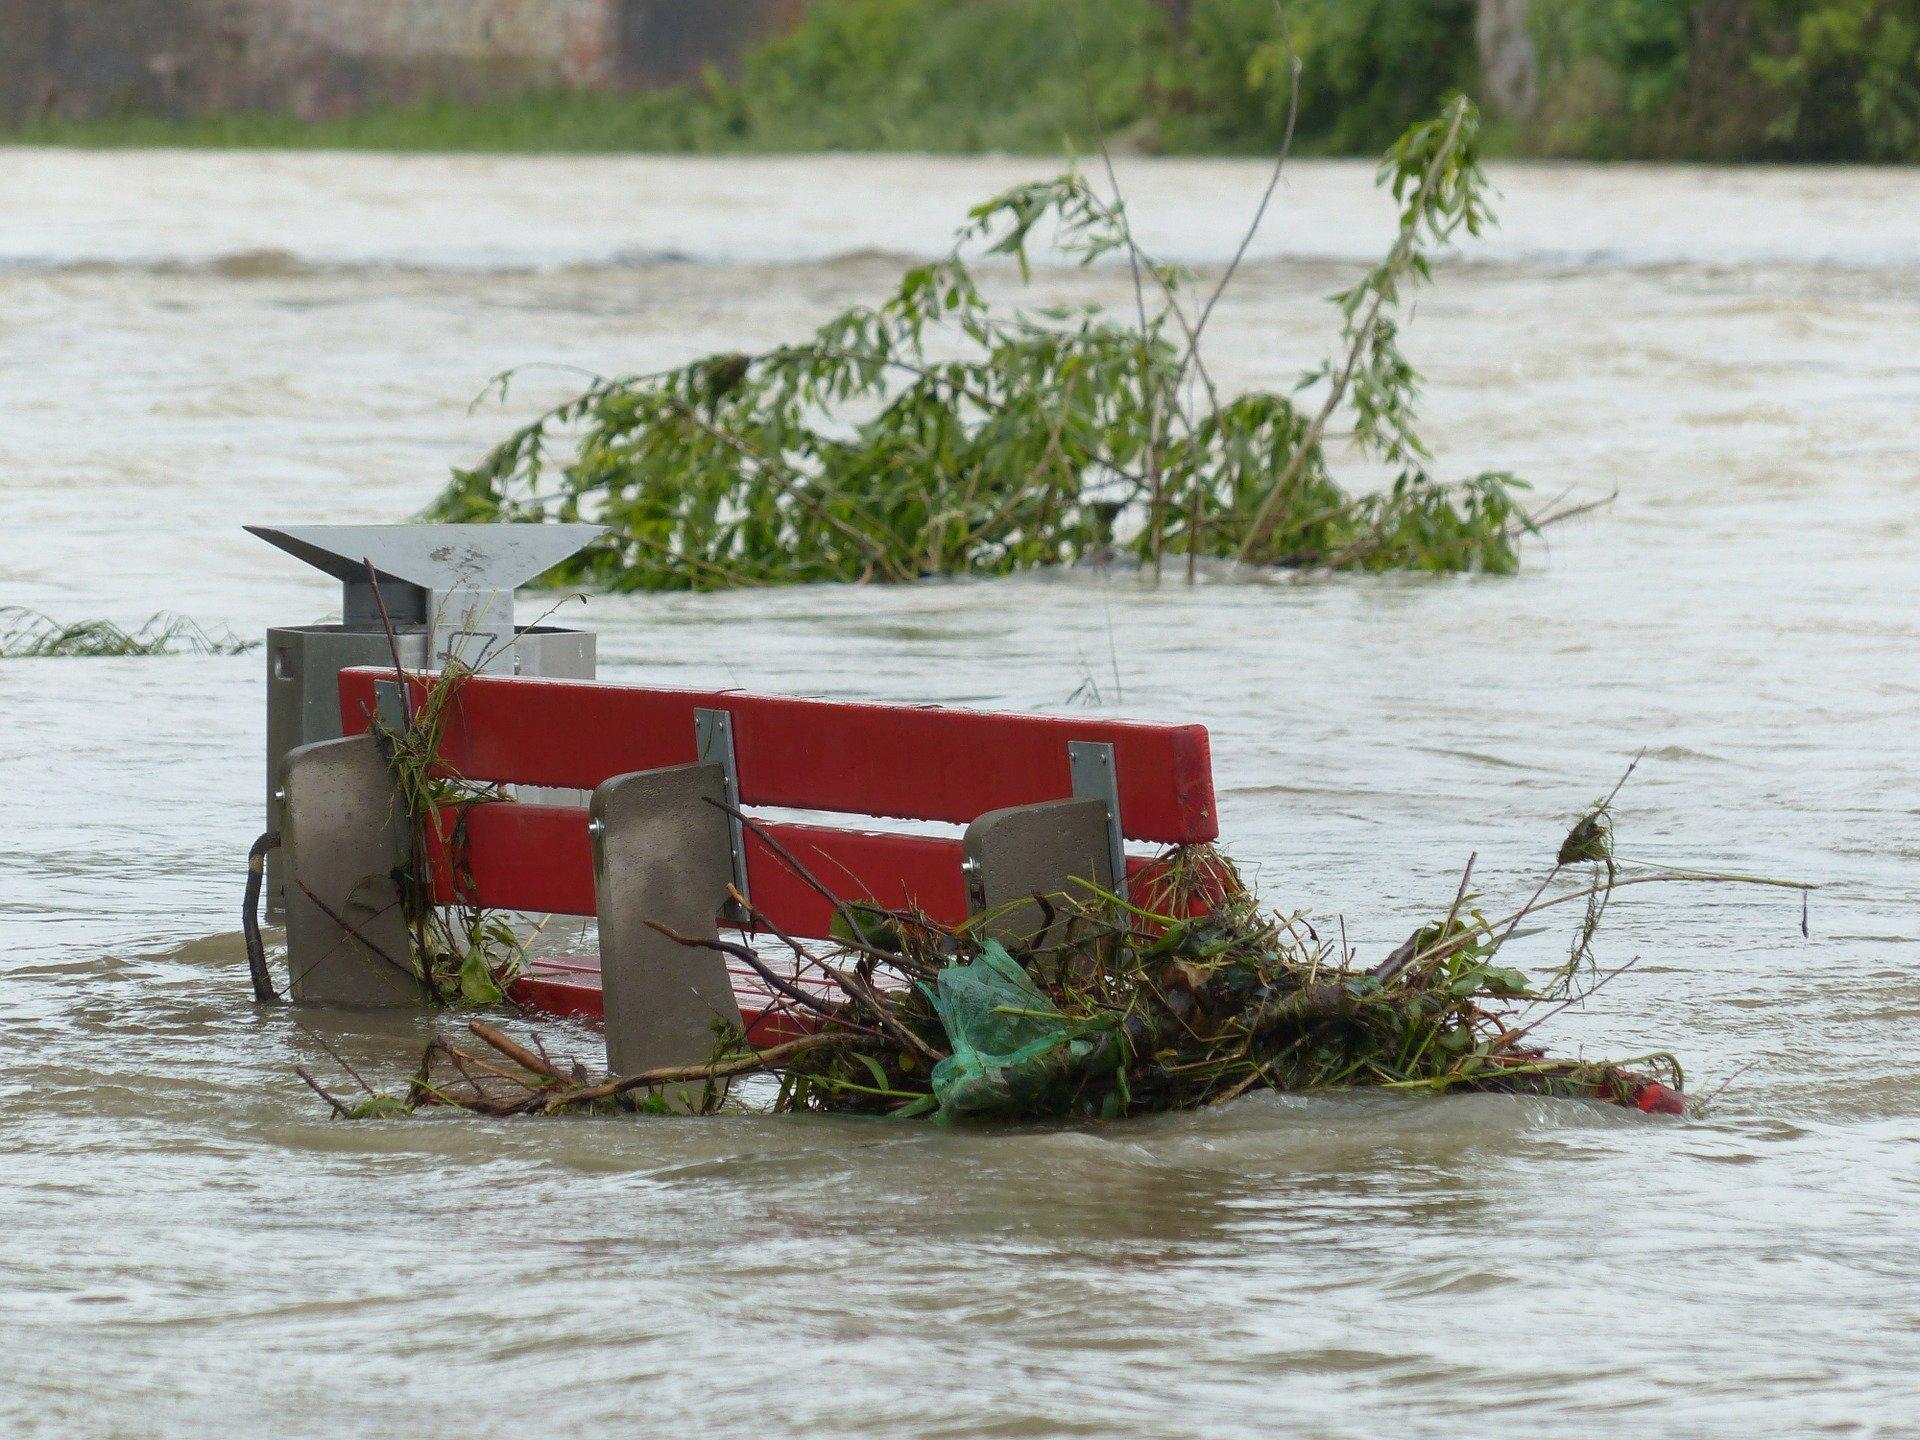 Unsere Lernchance aus der Flutkatastrophe